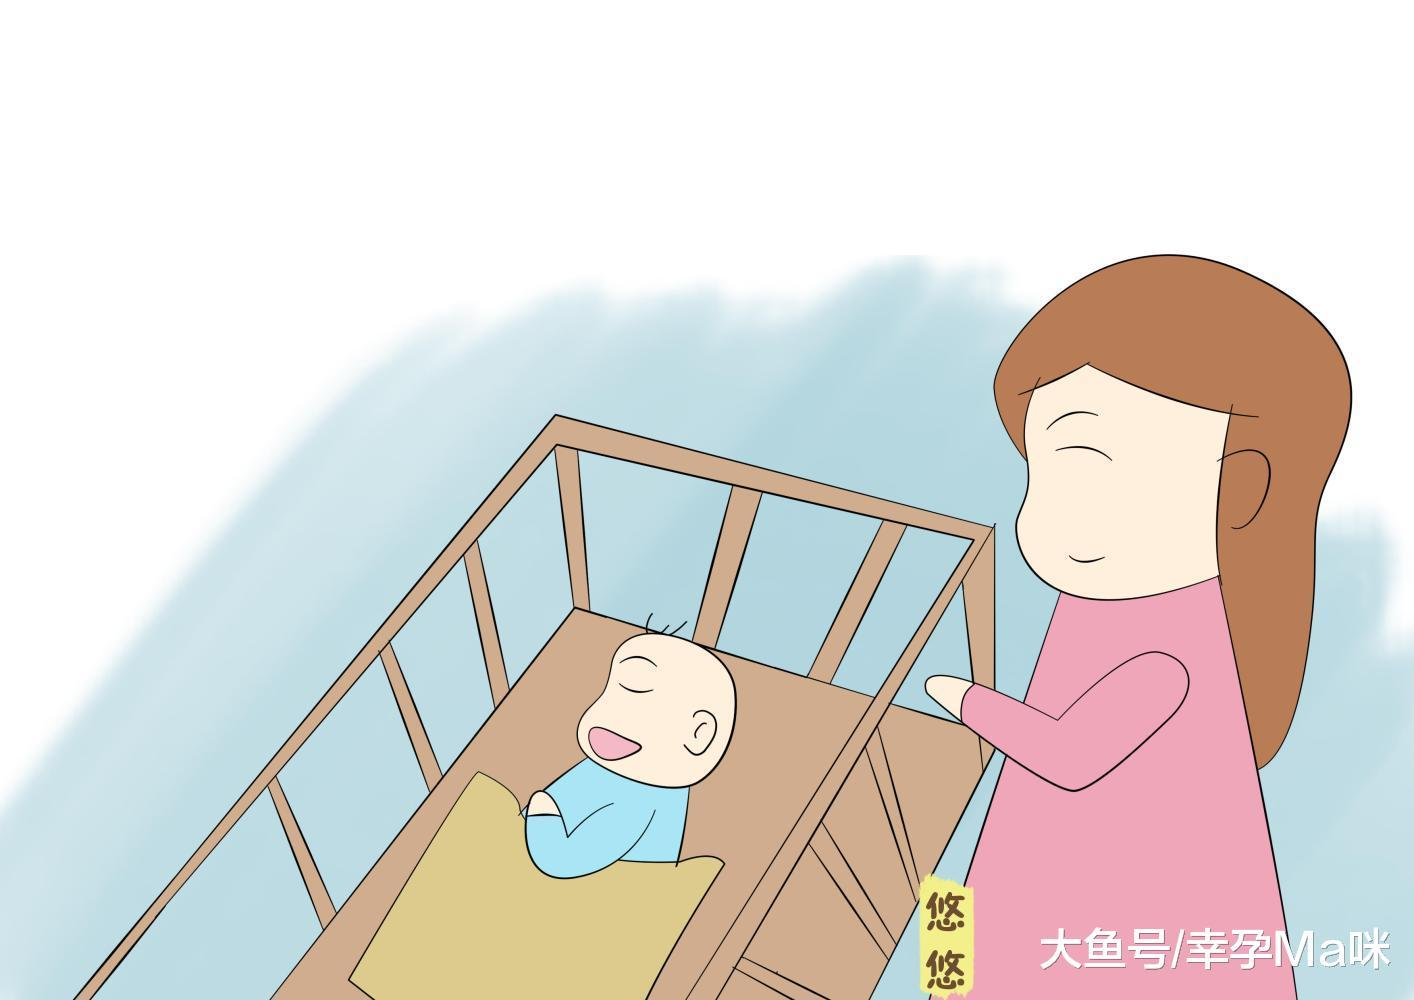 很少生病的宝宝, 多来自这4种家庭, 找找差别在哪